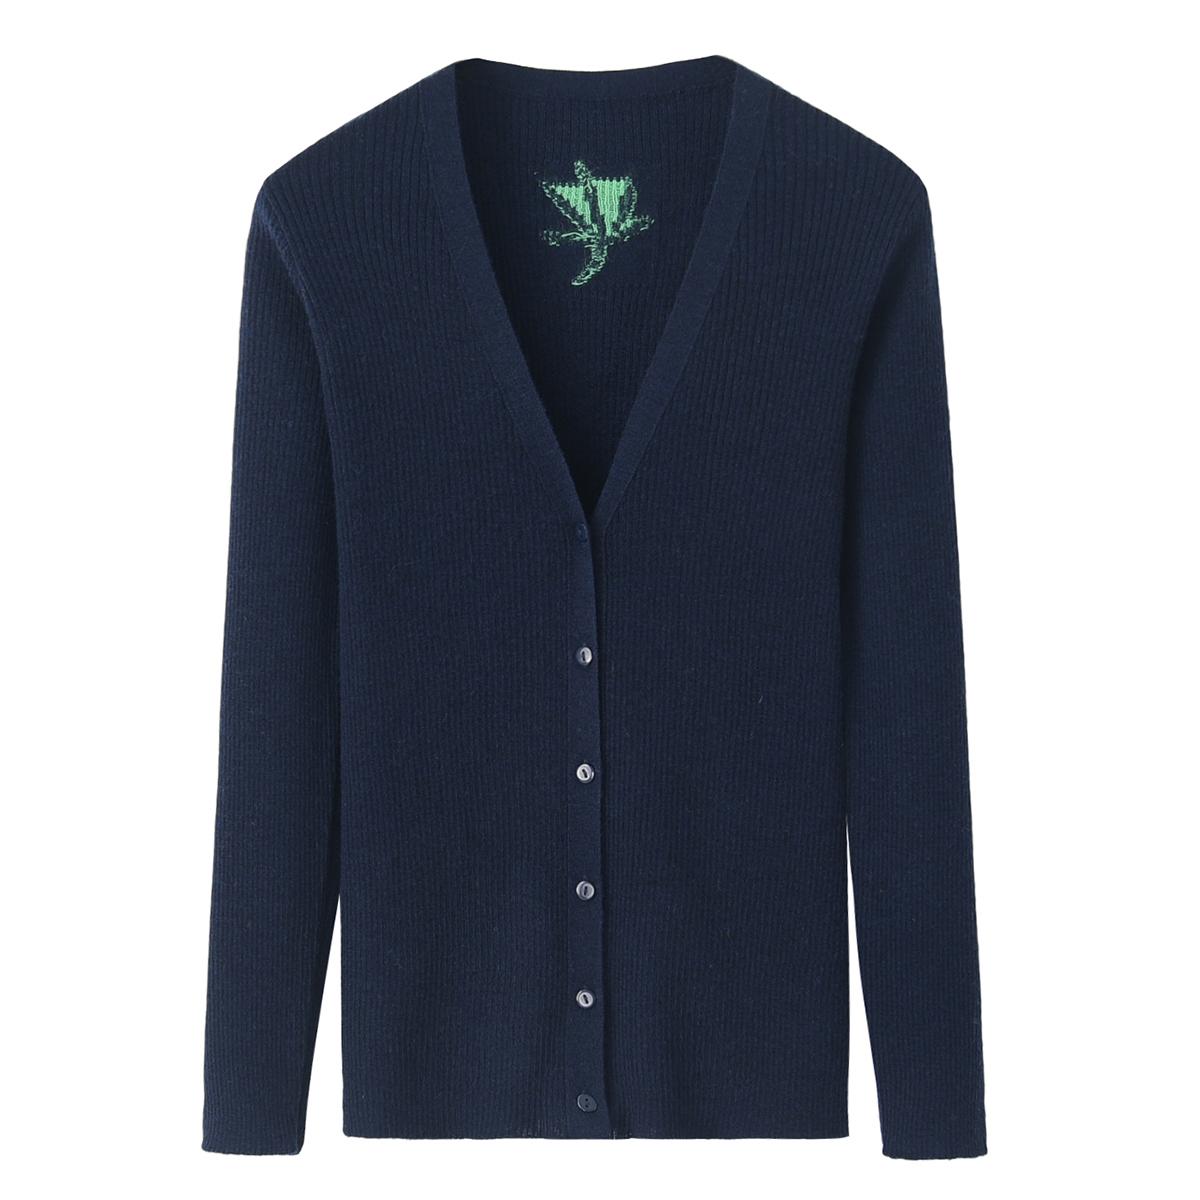 内蒙古羊毛衫女式V领针织衫纯羊毛修身对襟针织开衫外套秋新款